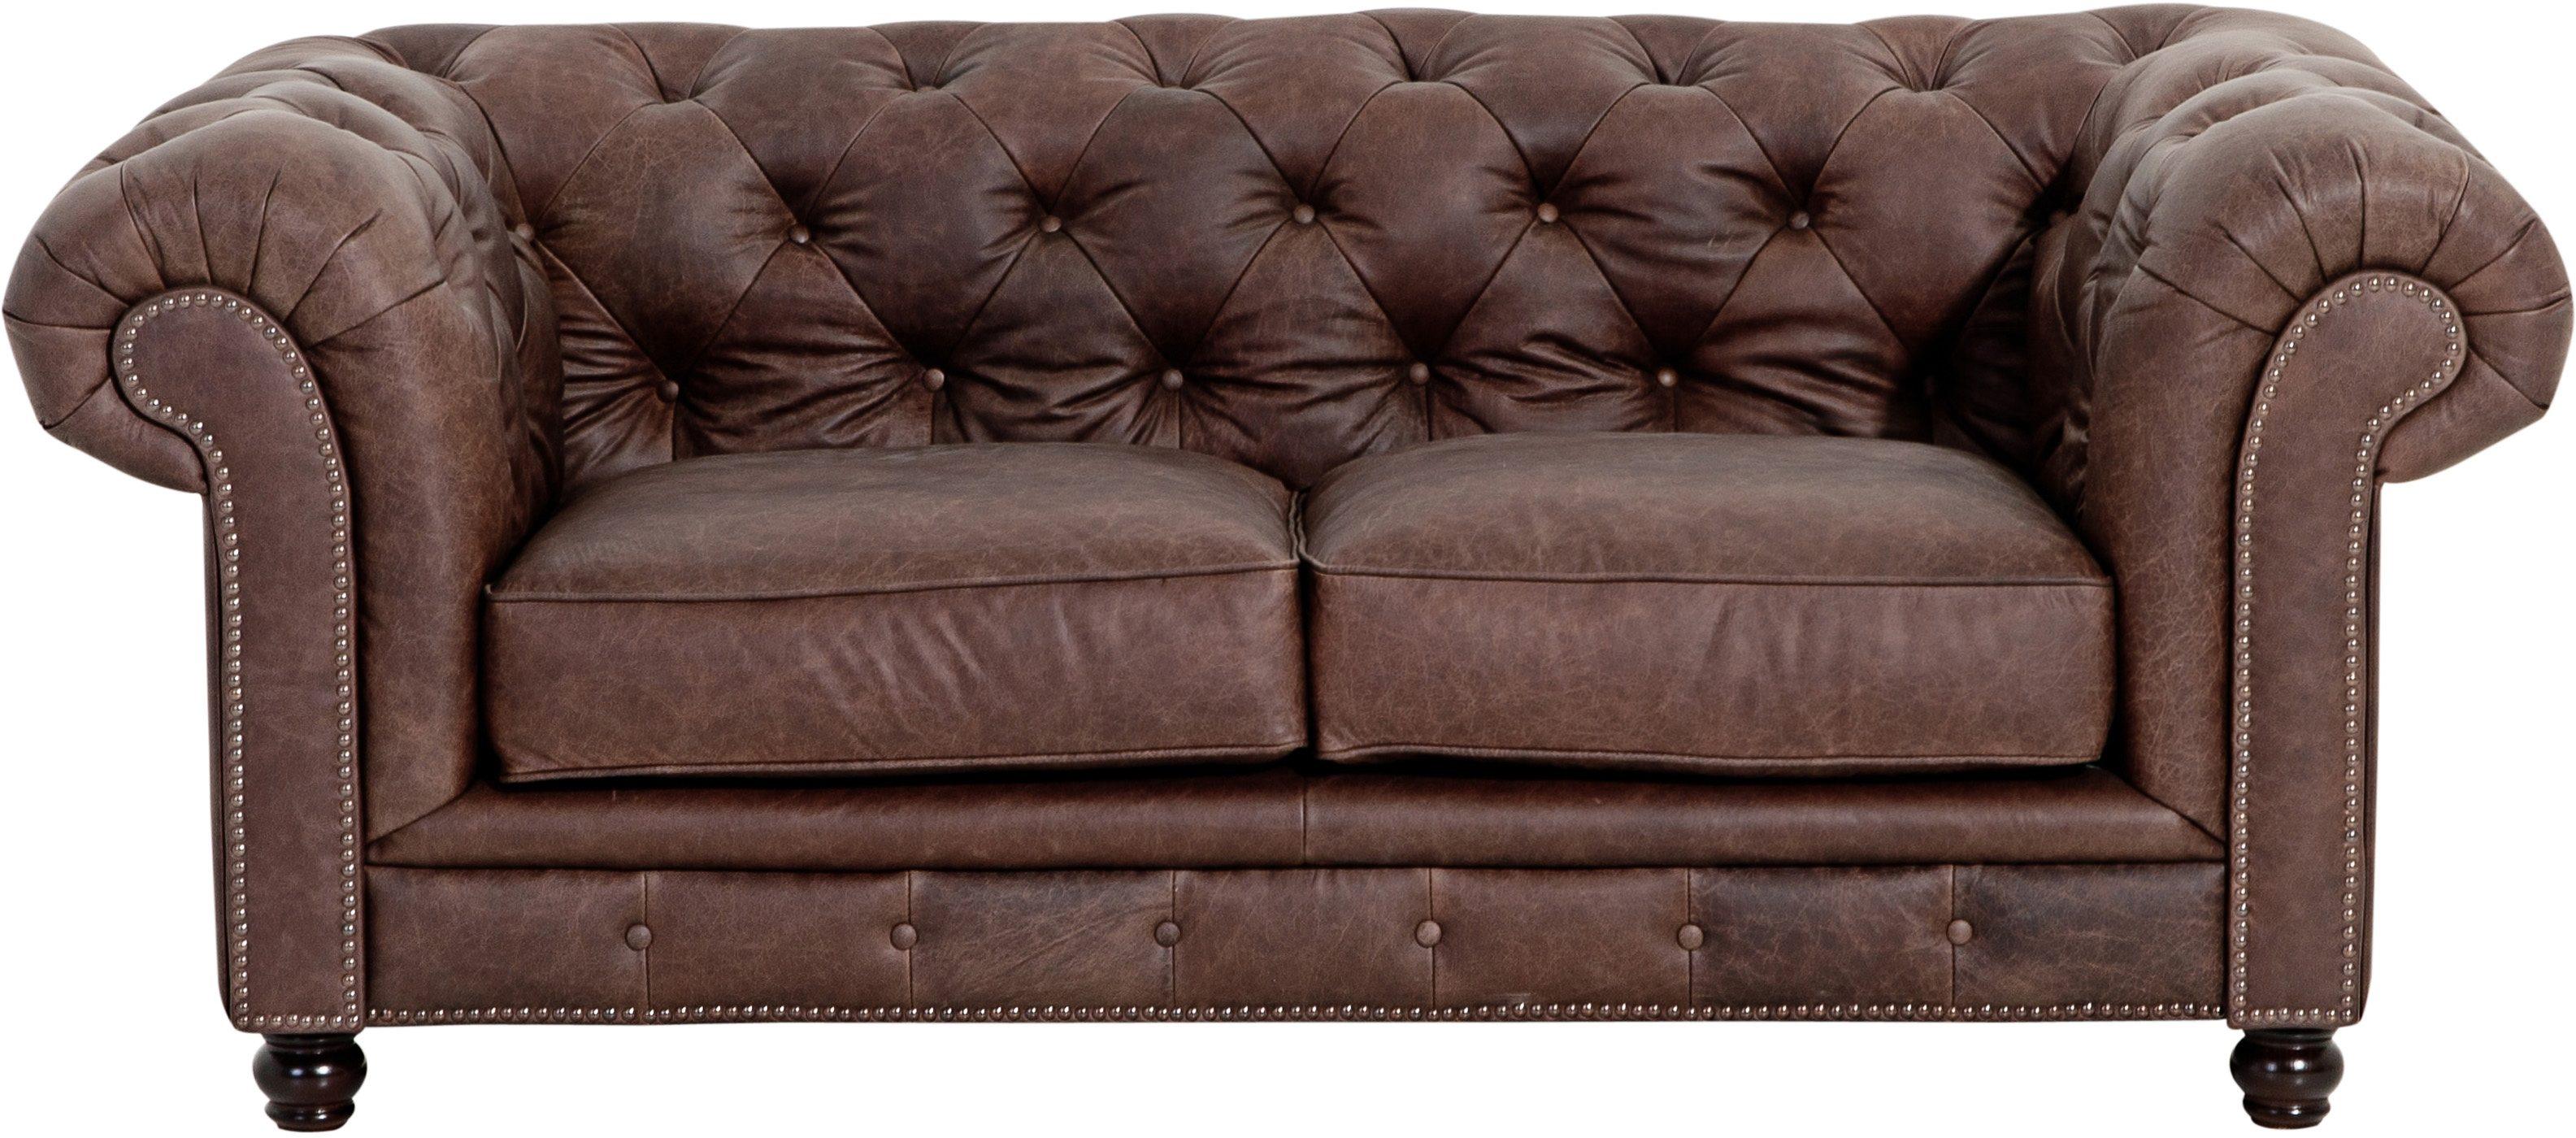 Sofa 2 Sitzer Retro Elegant Sitzer Vintage Sofa Westhampton